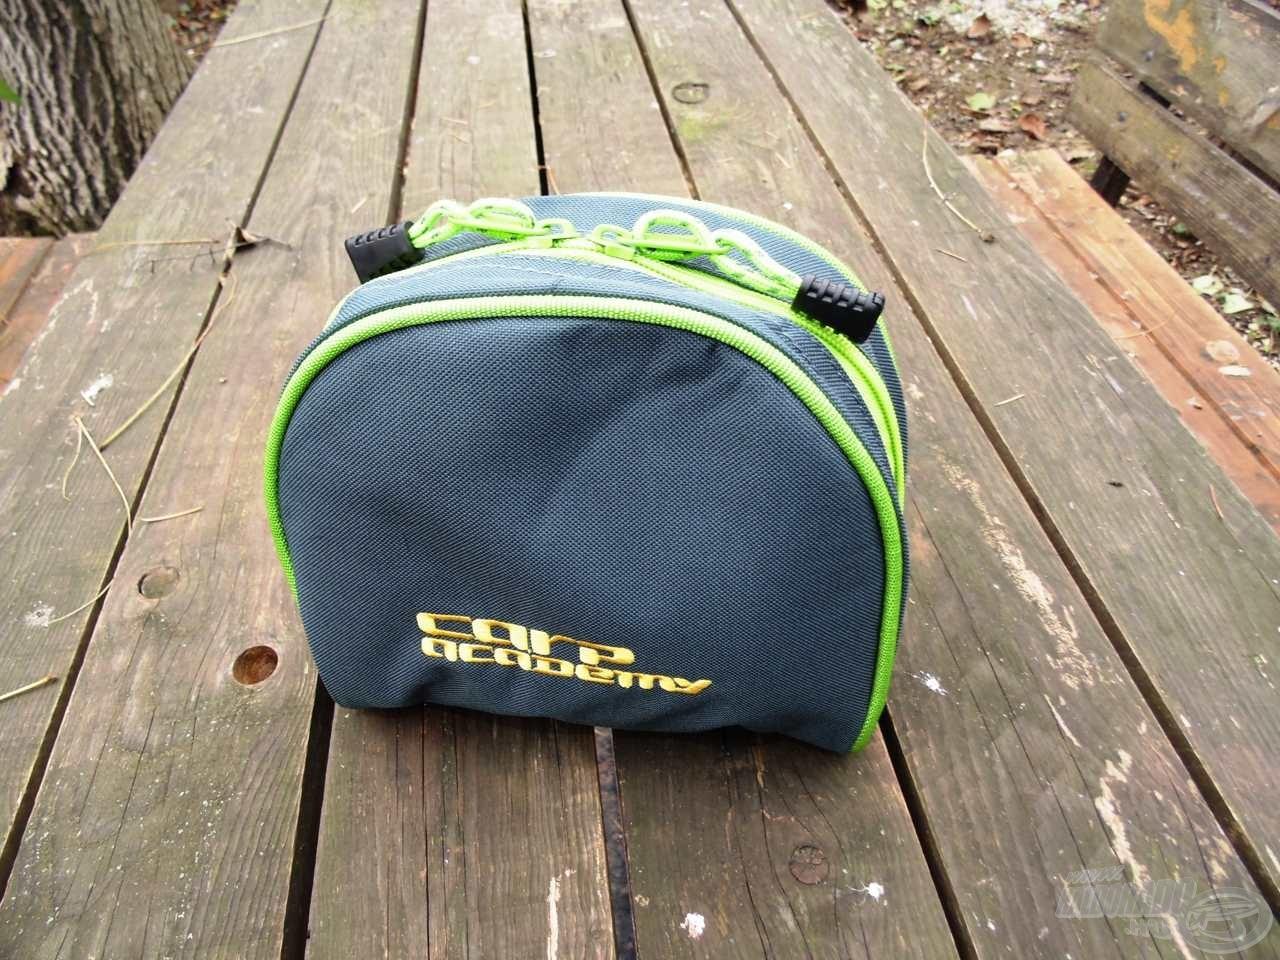 Szép kis táska, ami garantáltan megóvja orsónkat a külső hatásoktól